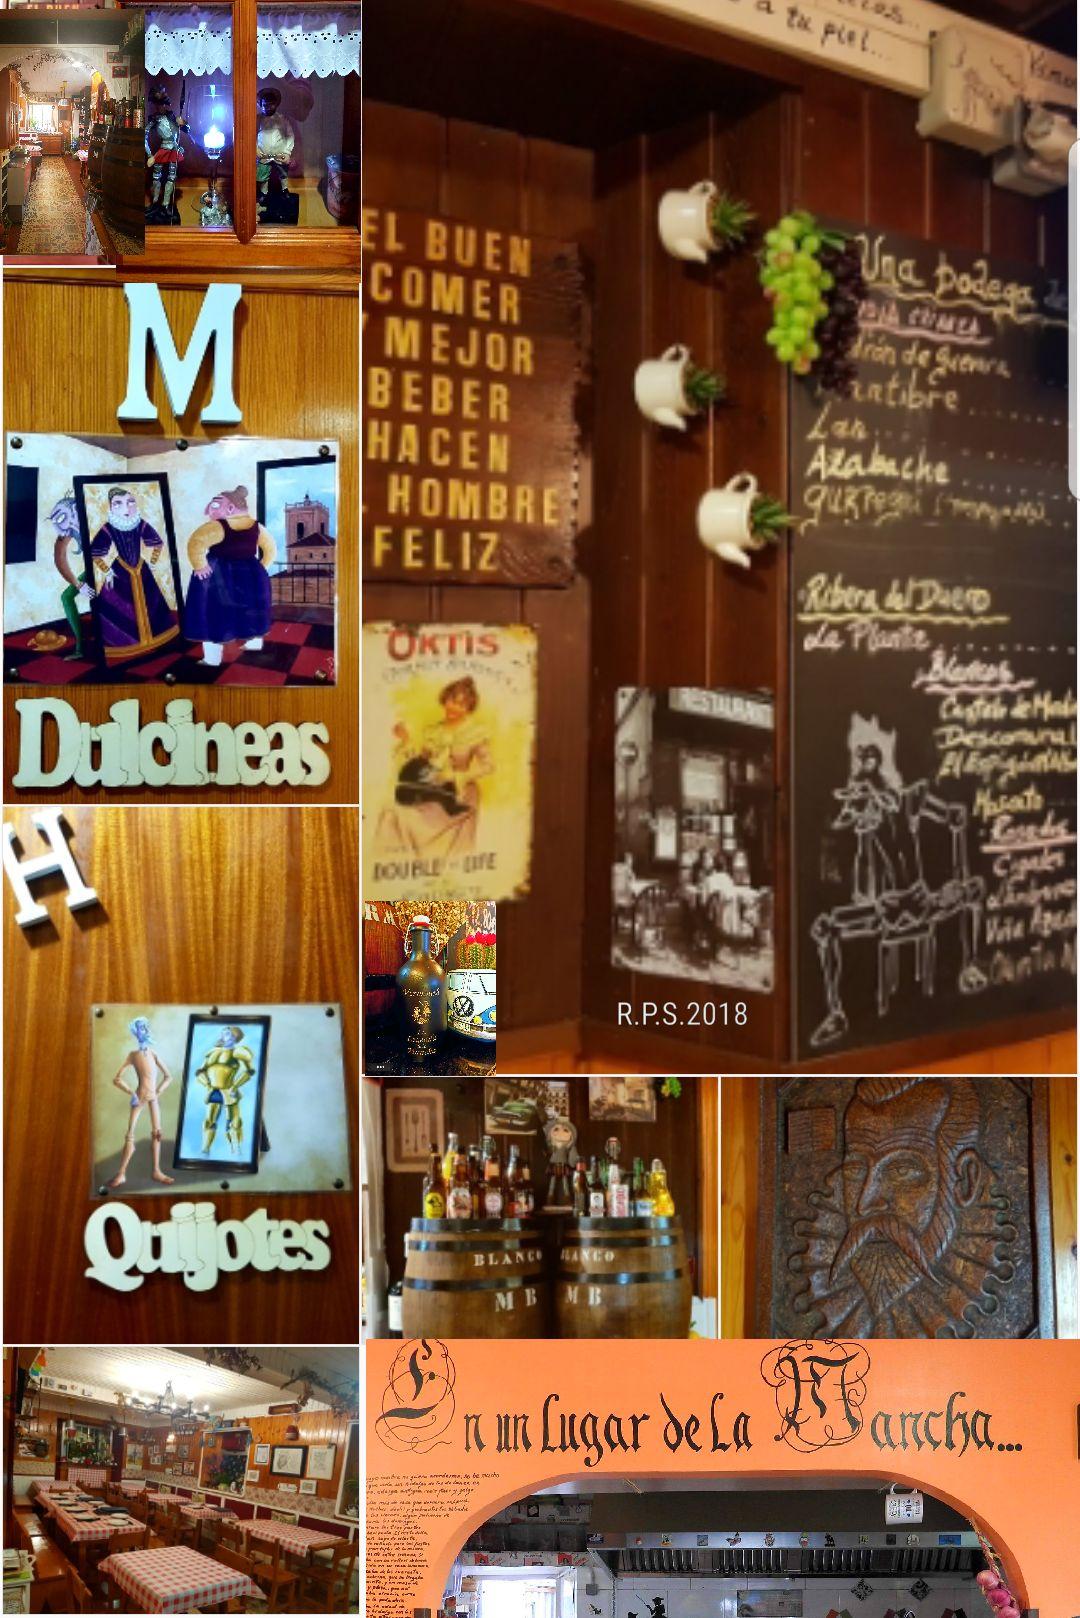 Cocina de autor con sabores de antaño en Santander